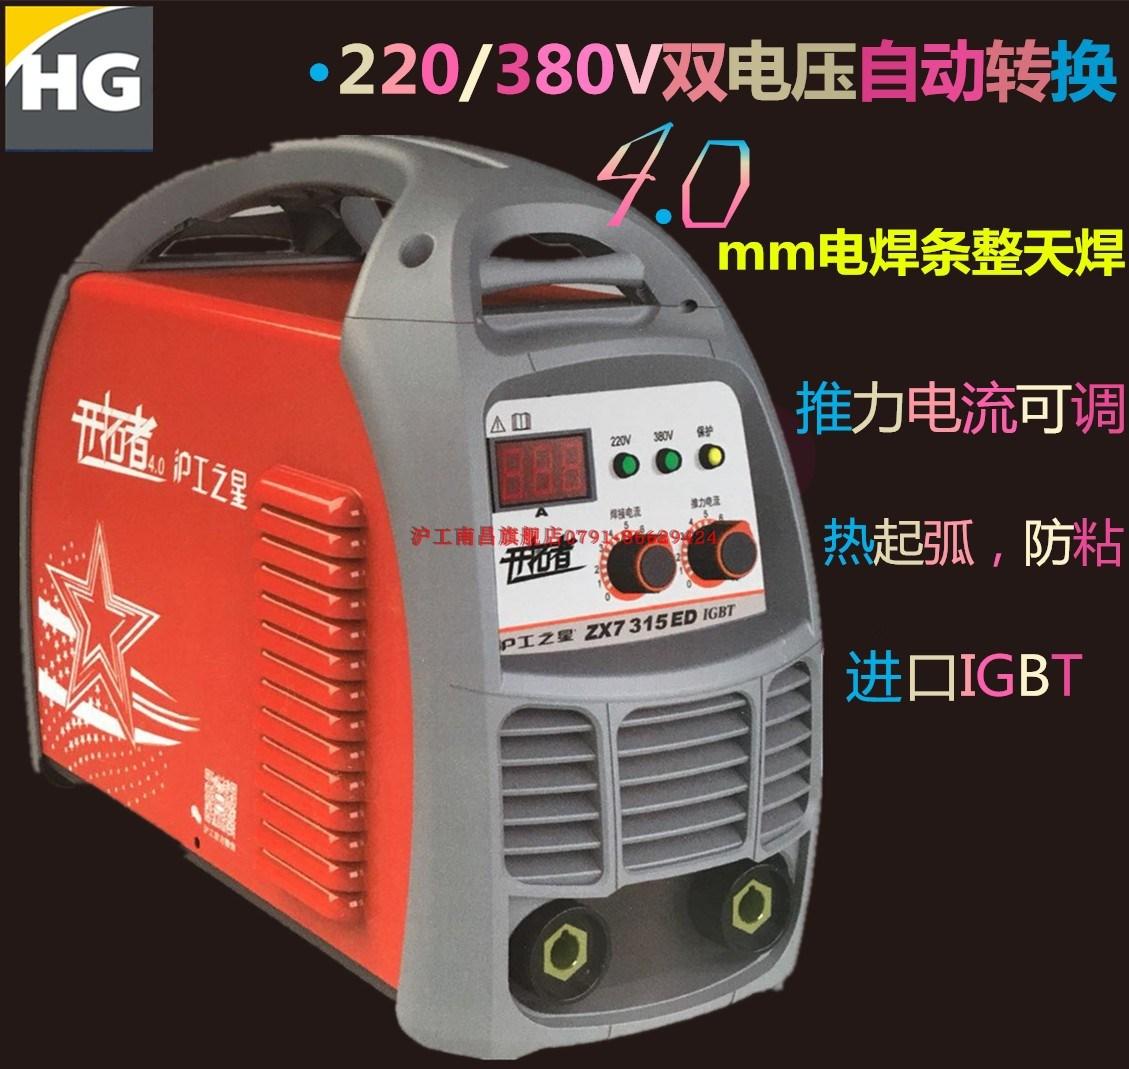 上海沪工电焊机ZX7-315/400两用220V380V双电压逆变直流工业焊机11月06日最新优惠